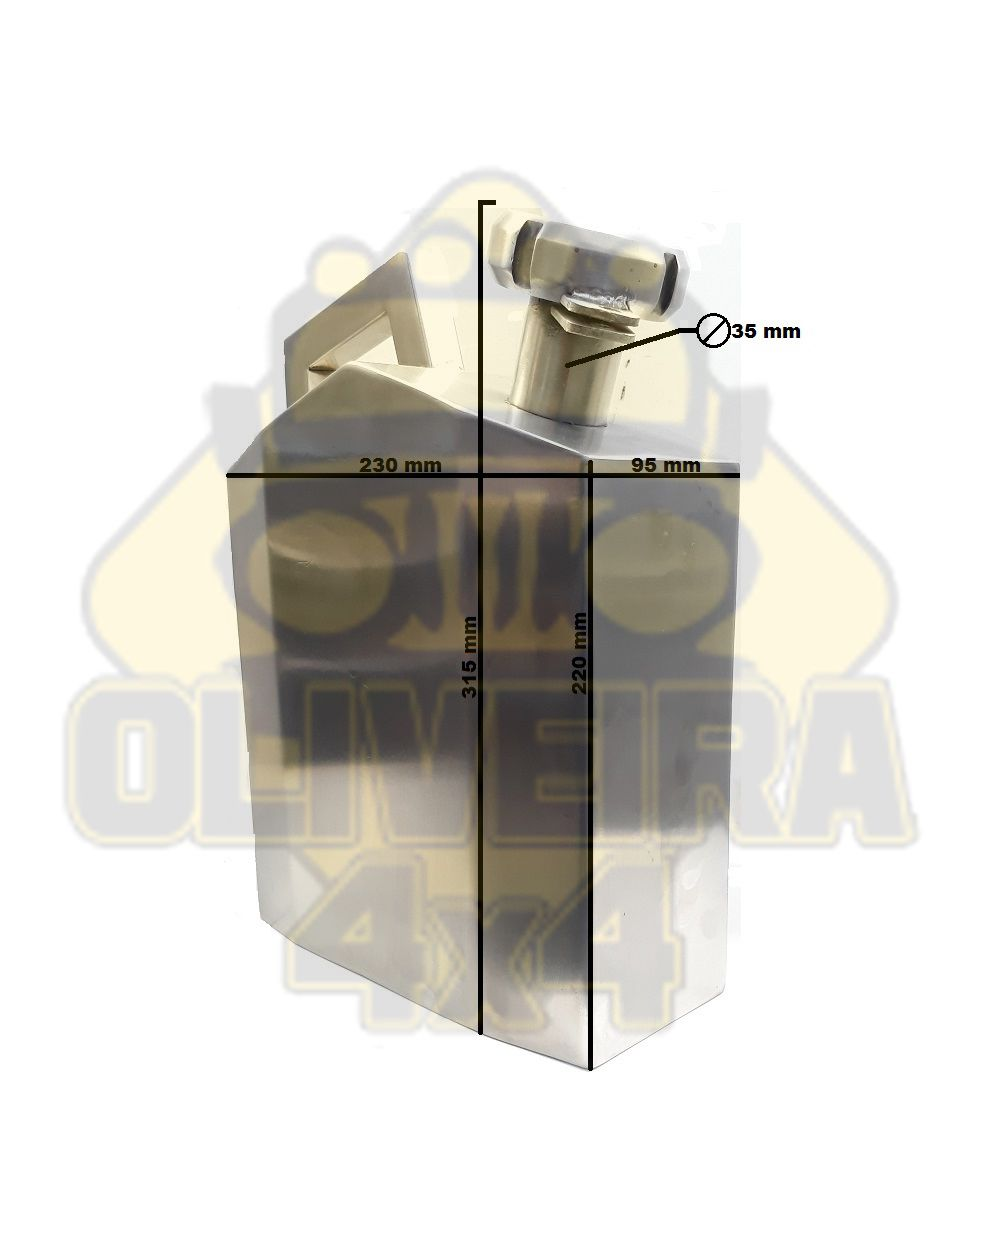 Galão Reservatório De Combustível Reserva 05 Litros Inox